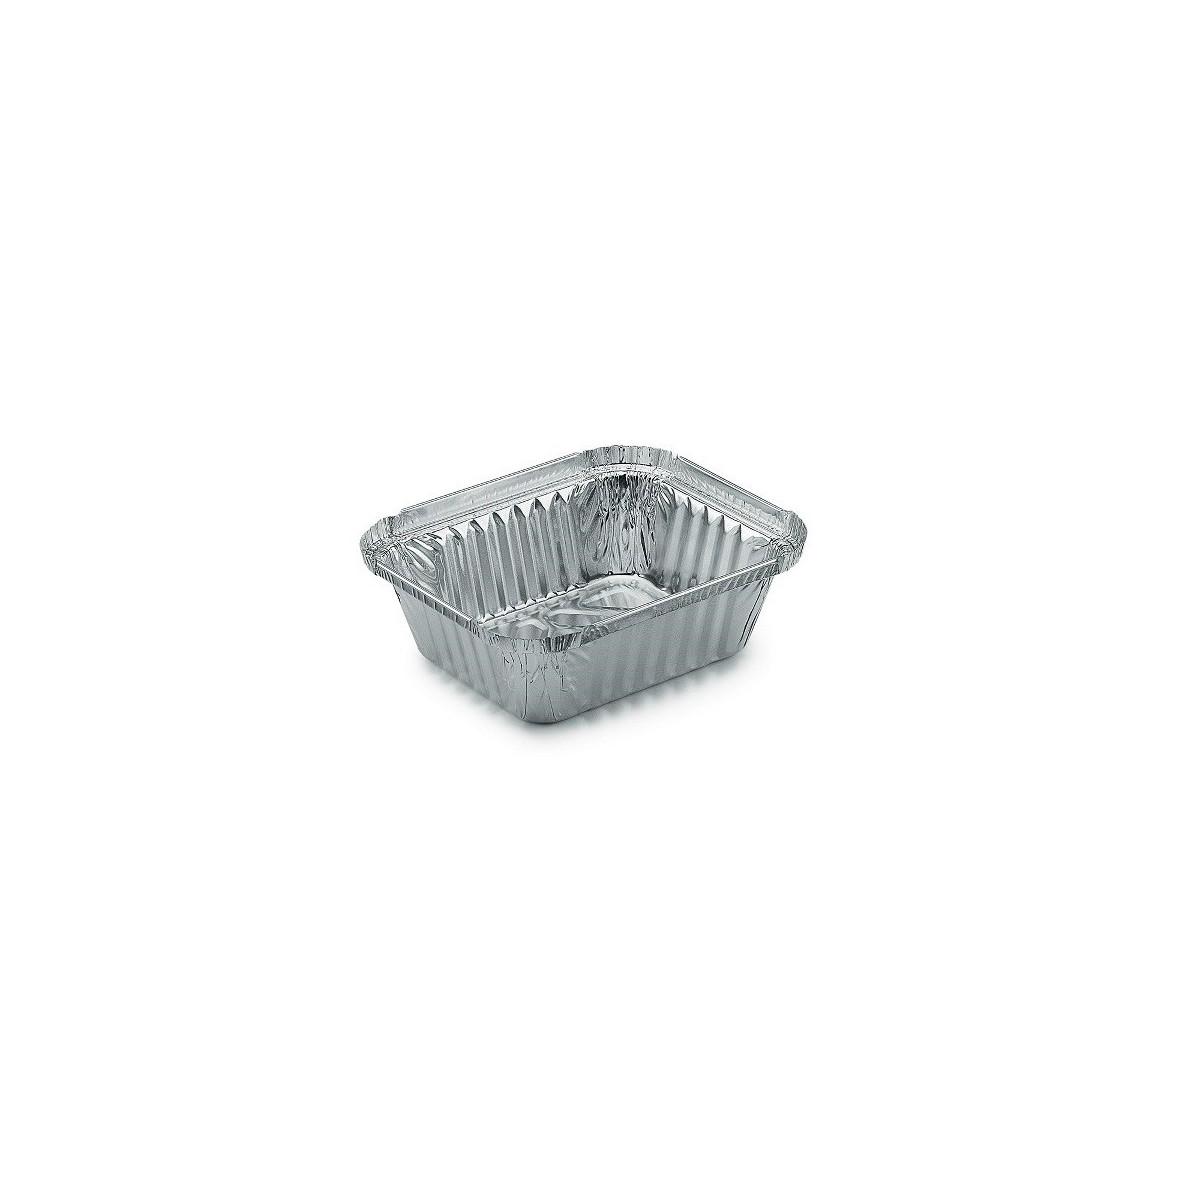 Vaschette Rettangolari in Alluminio per Alimenti